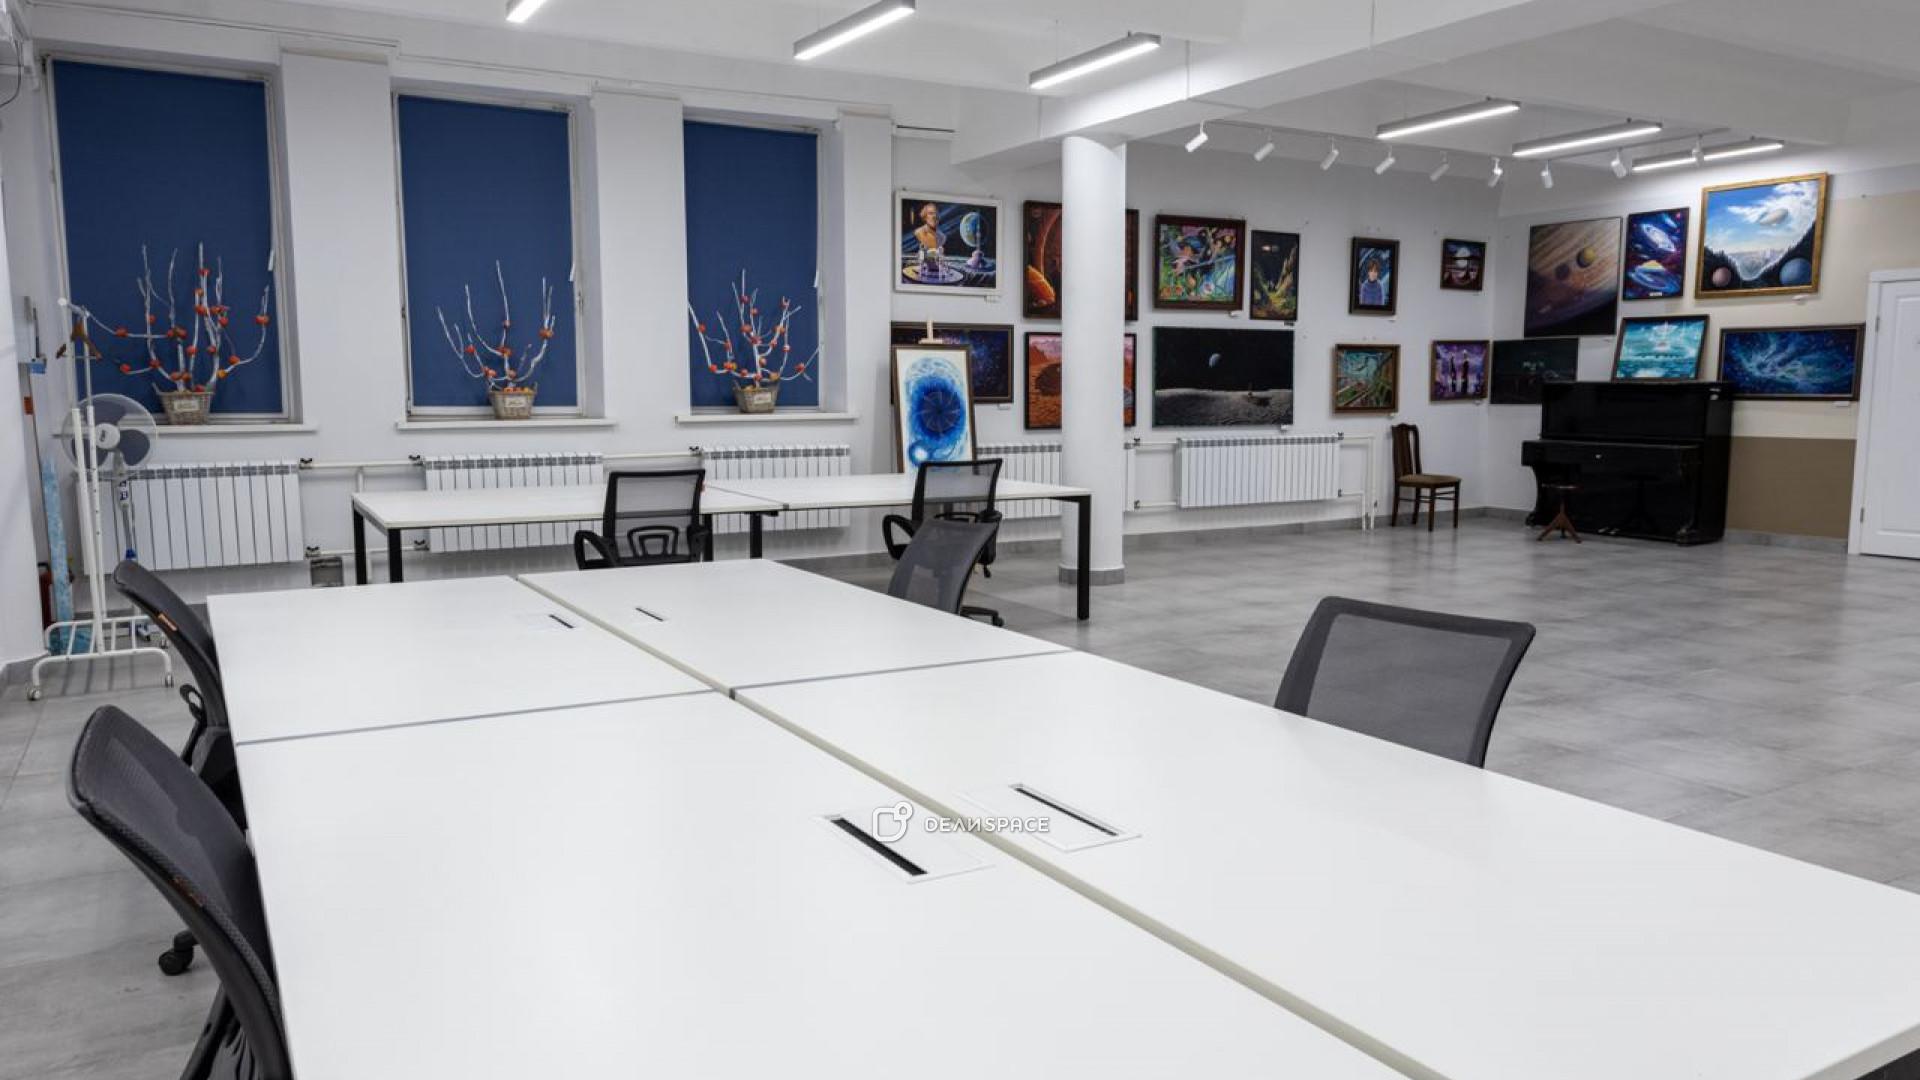 Зал визуальных искусств - фото №4